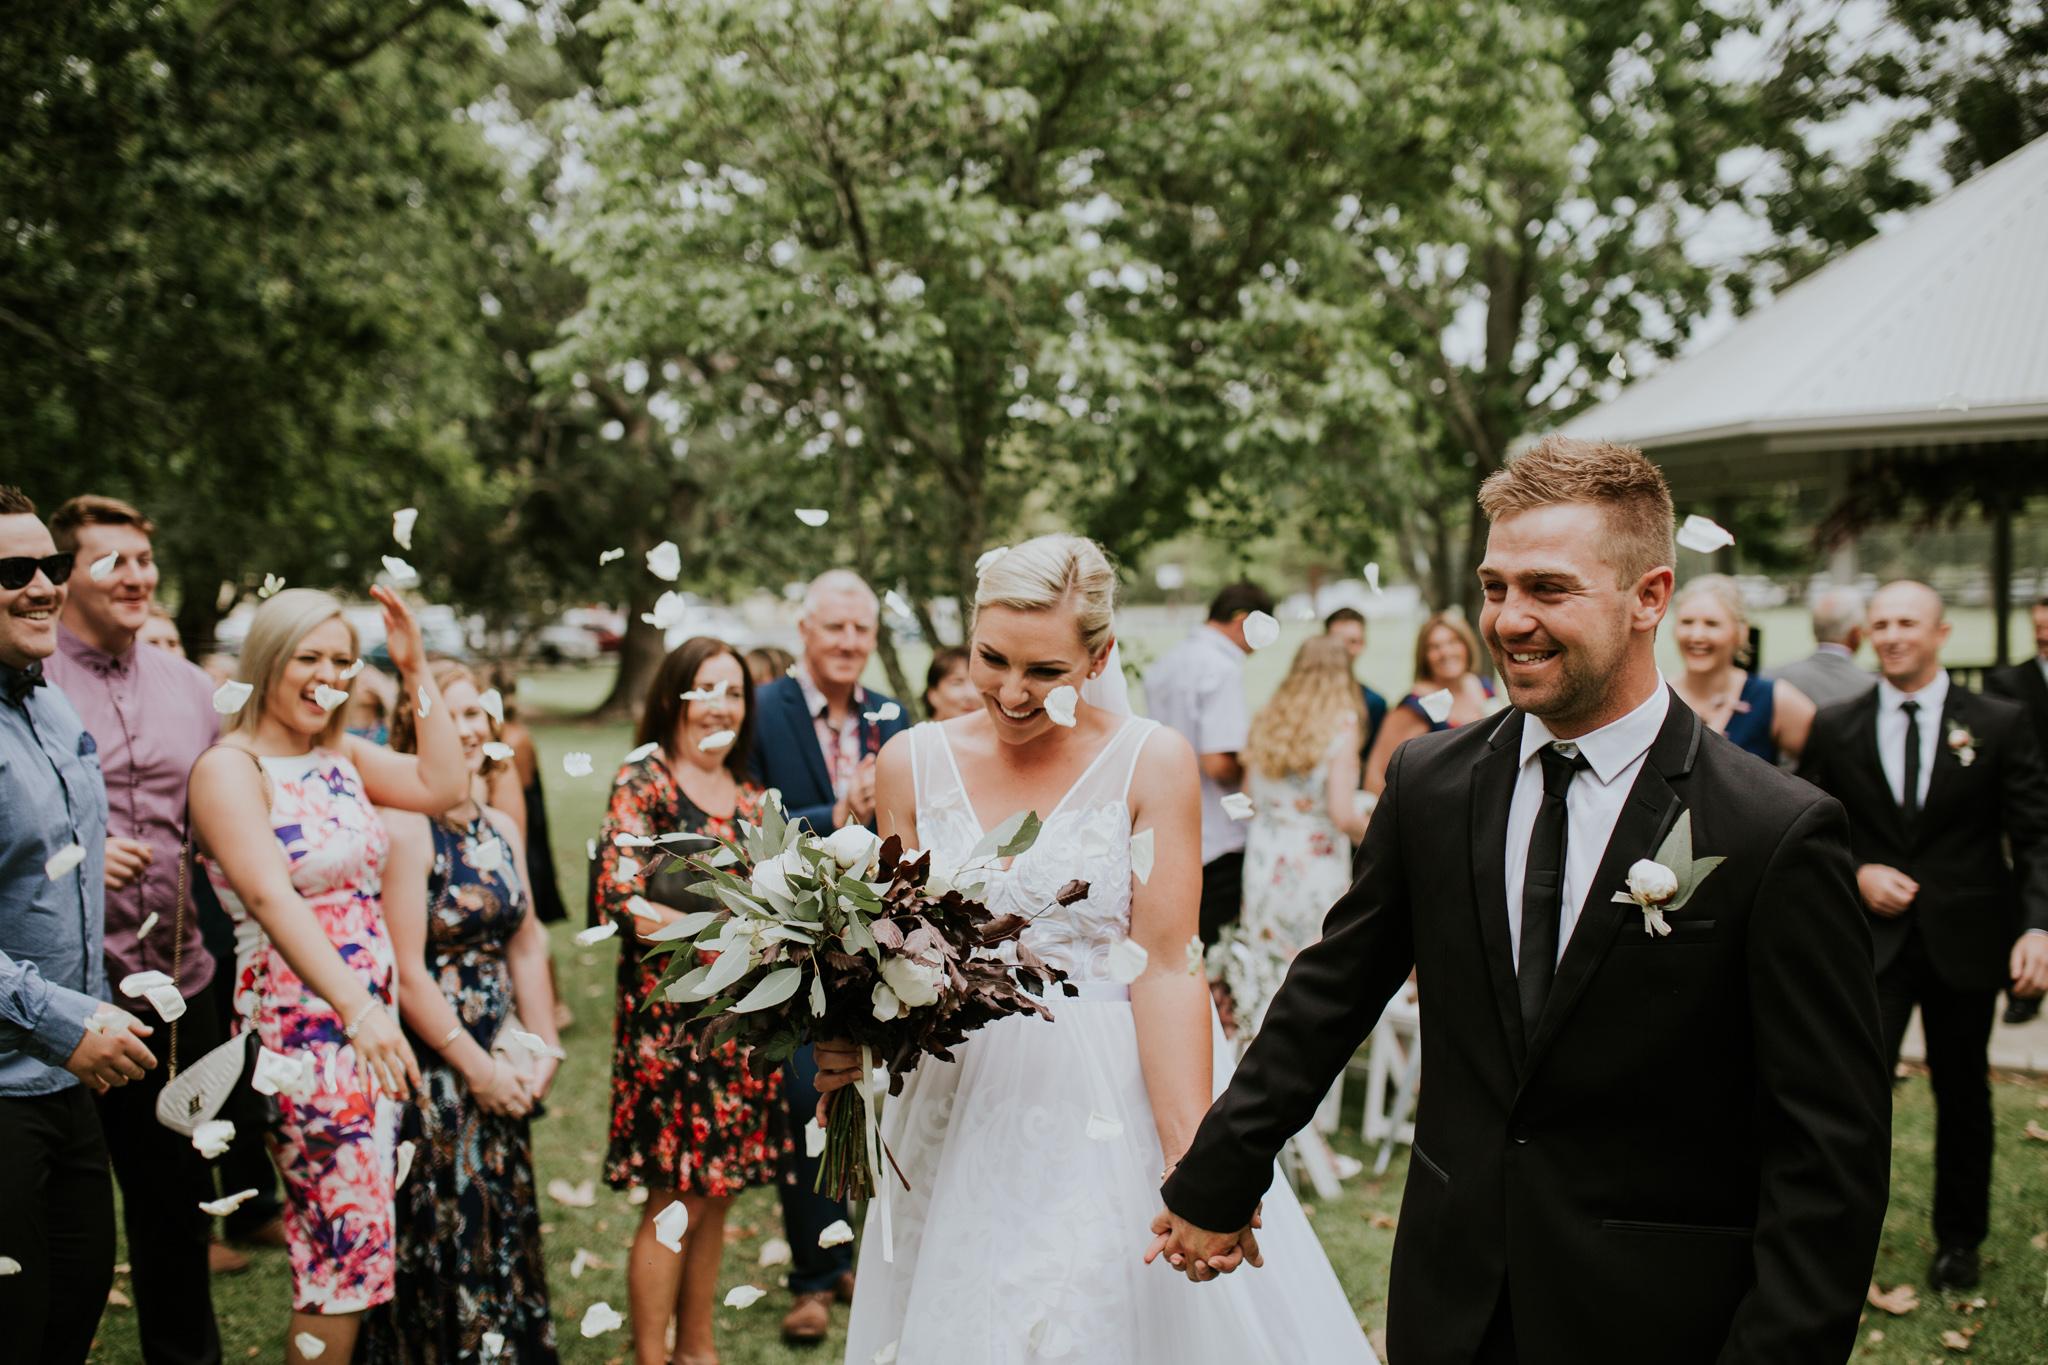 Lucy+Kyle+Kiama+Sebel+wedding-81.jpg